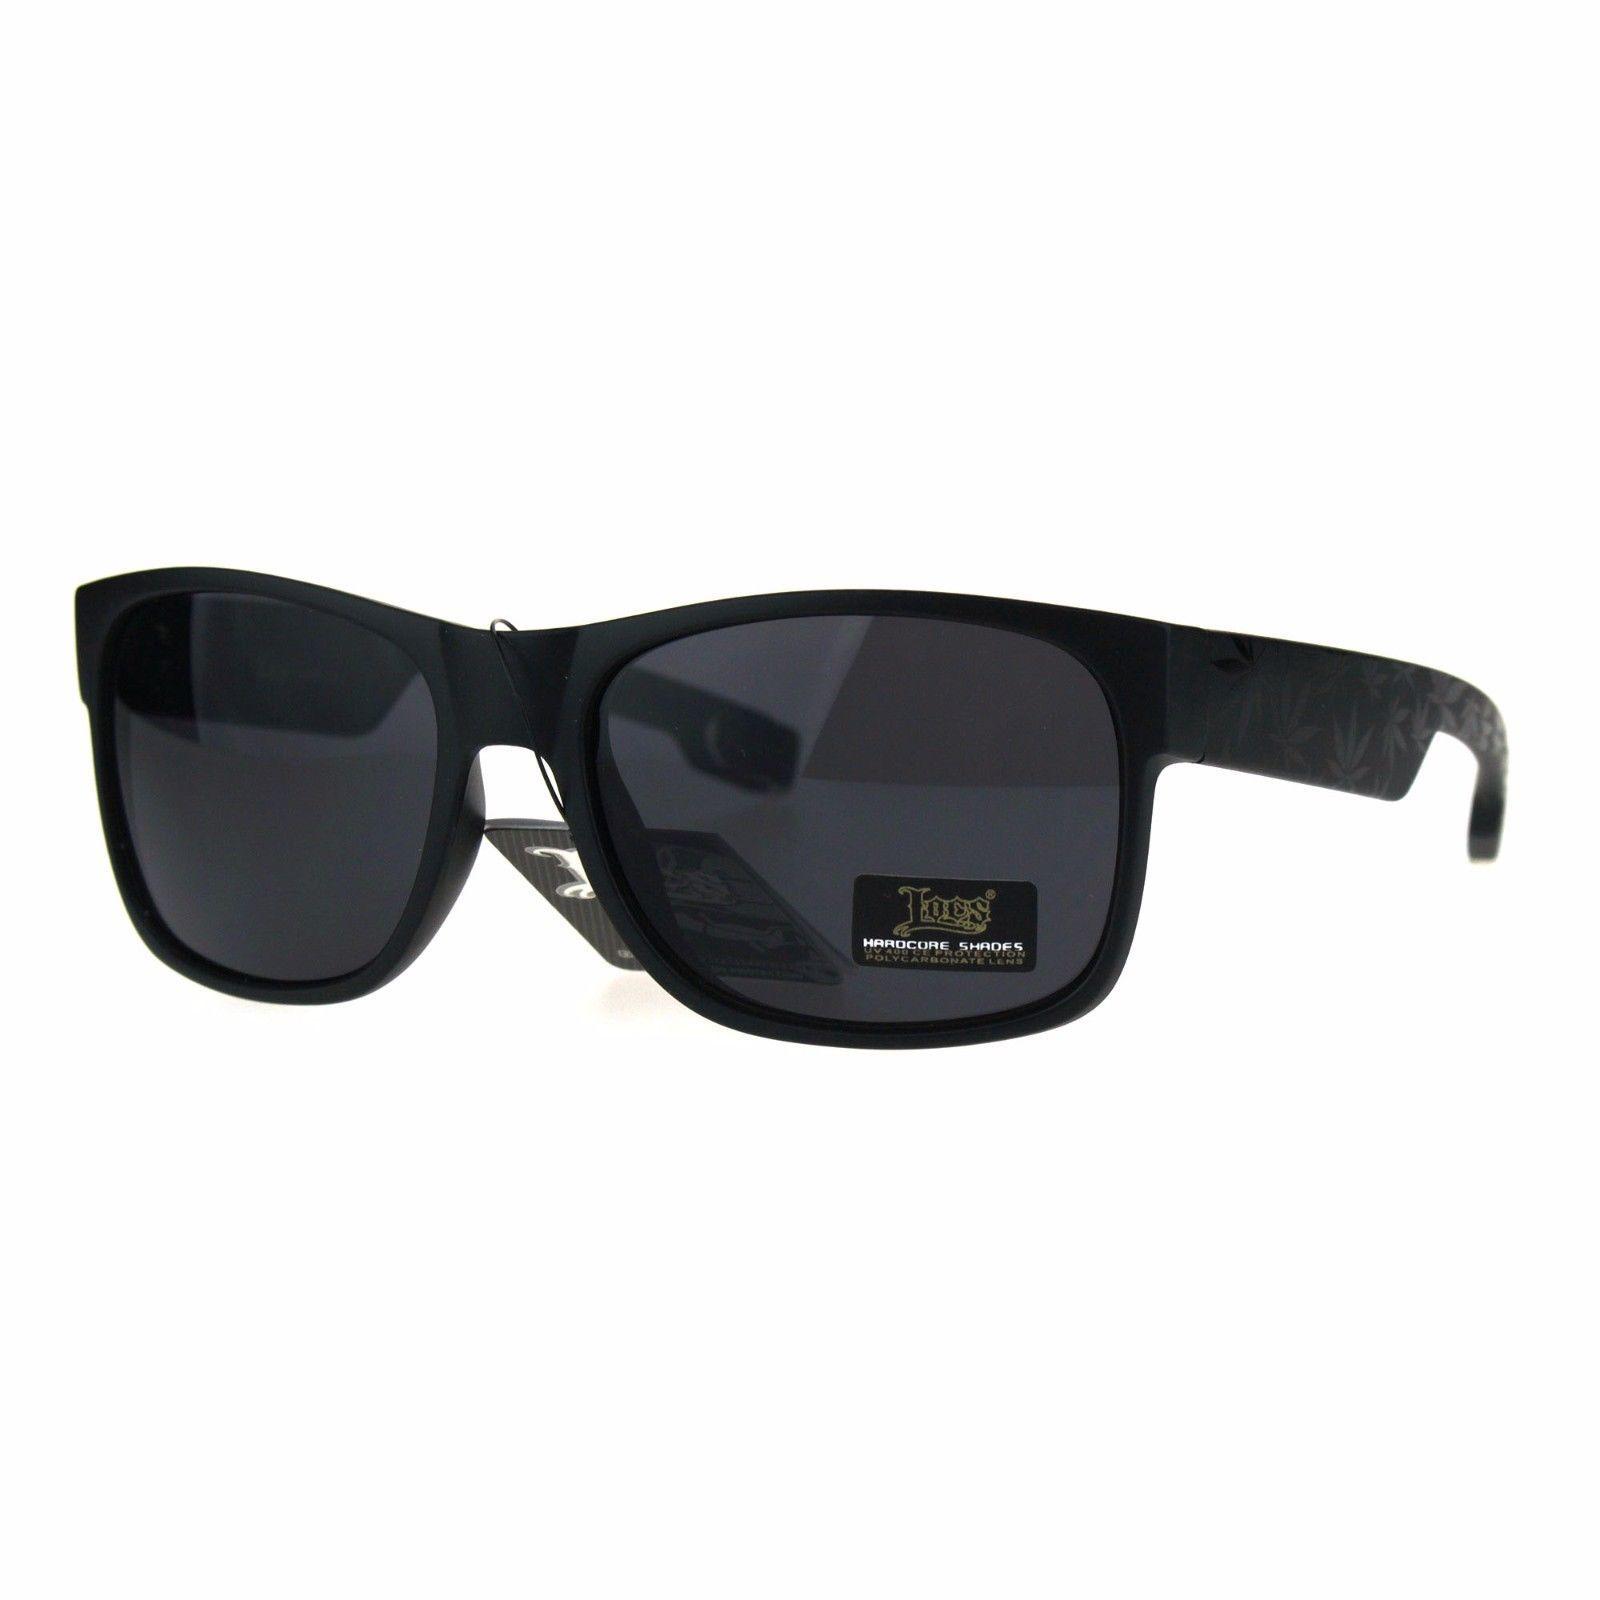 d5731d6dc7 Mens Locs Sunglasses Marijuana Leaf Design and 44 similar items. 57